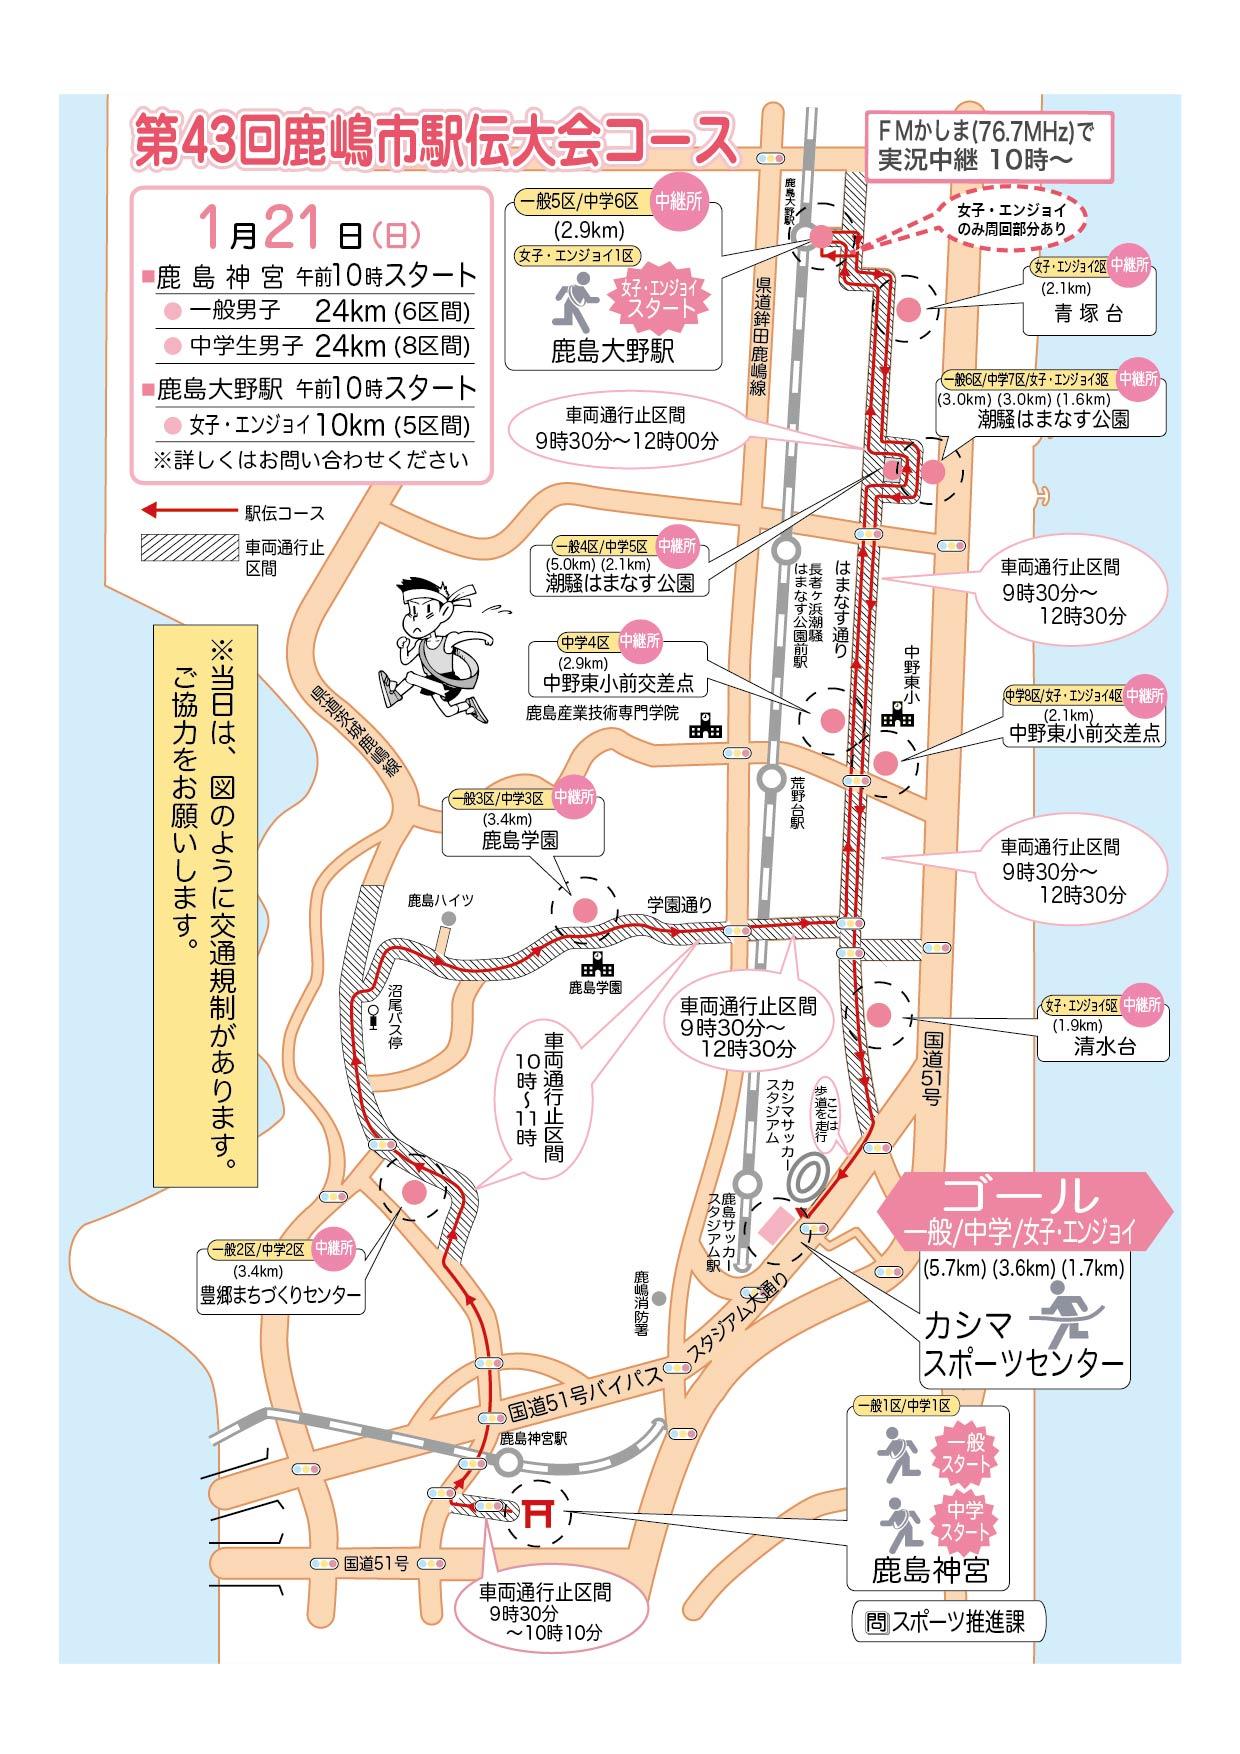 鹿嶋市駅伝大会コース